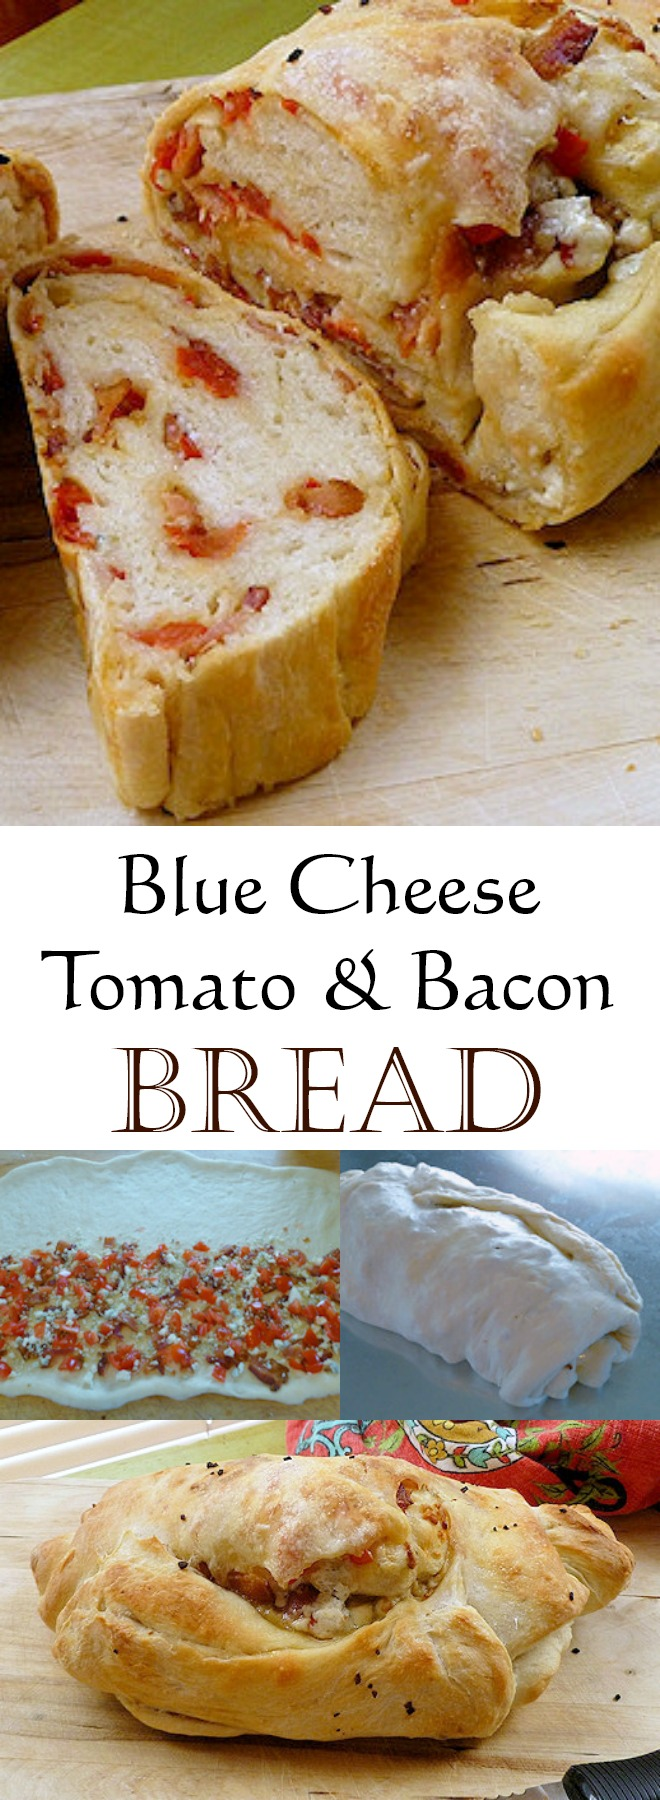 Blue Cheese Tomato Bacon Bread Recipe